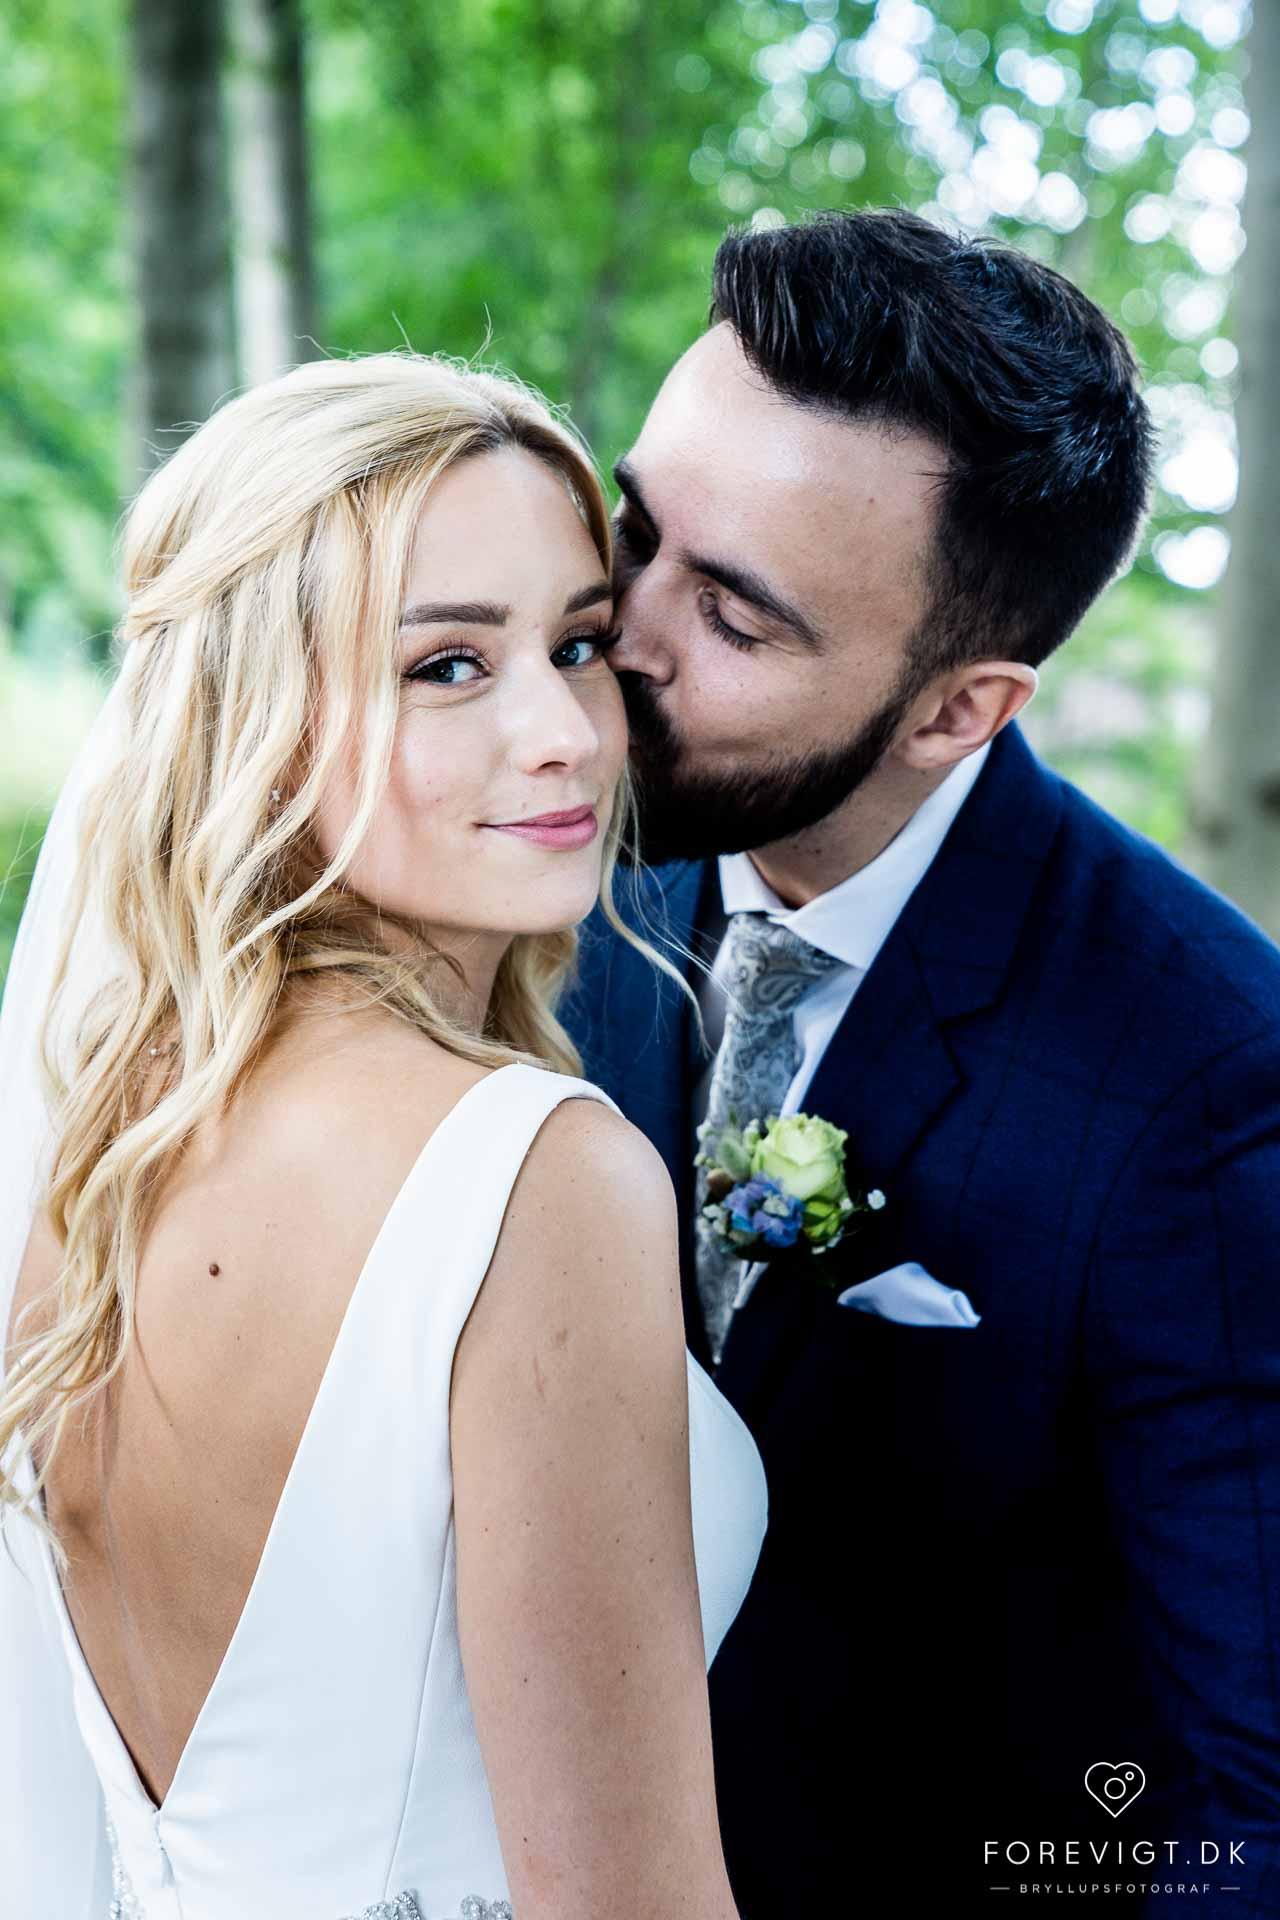 Bryllup: Detaljer og inspiration